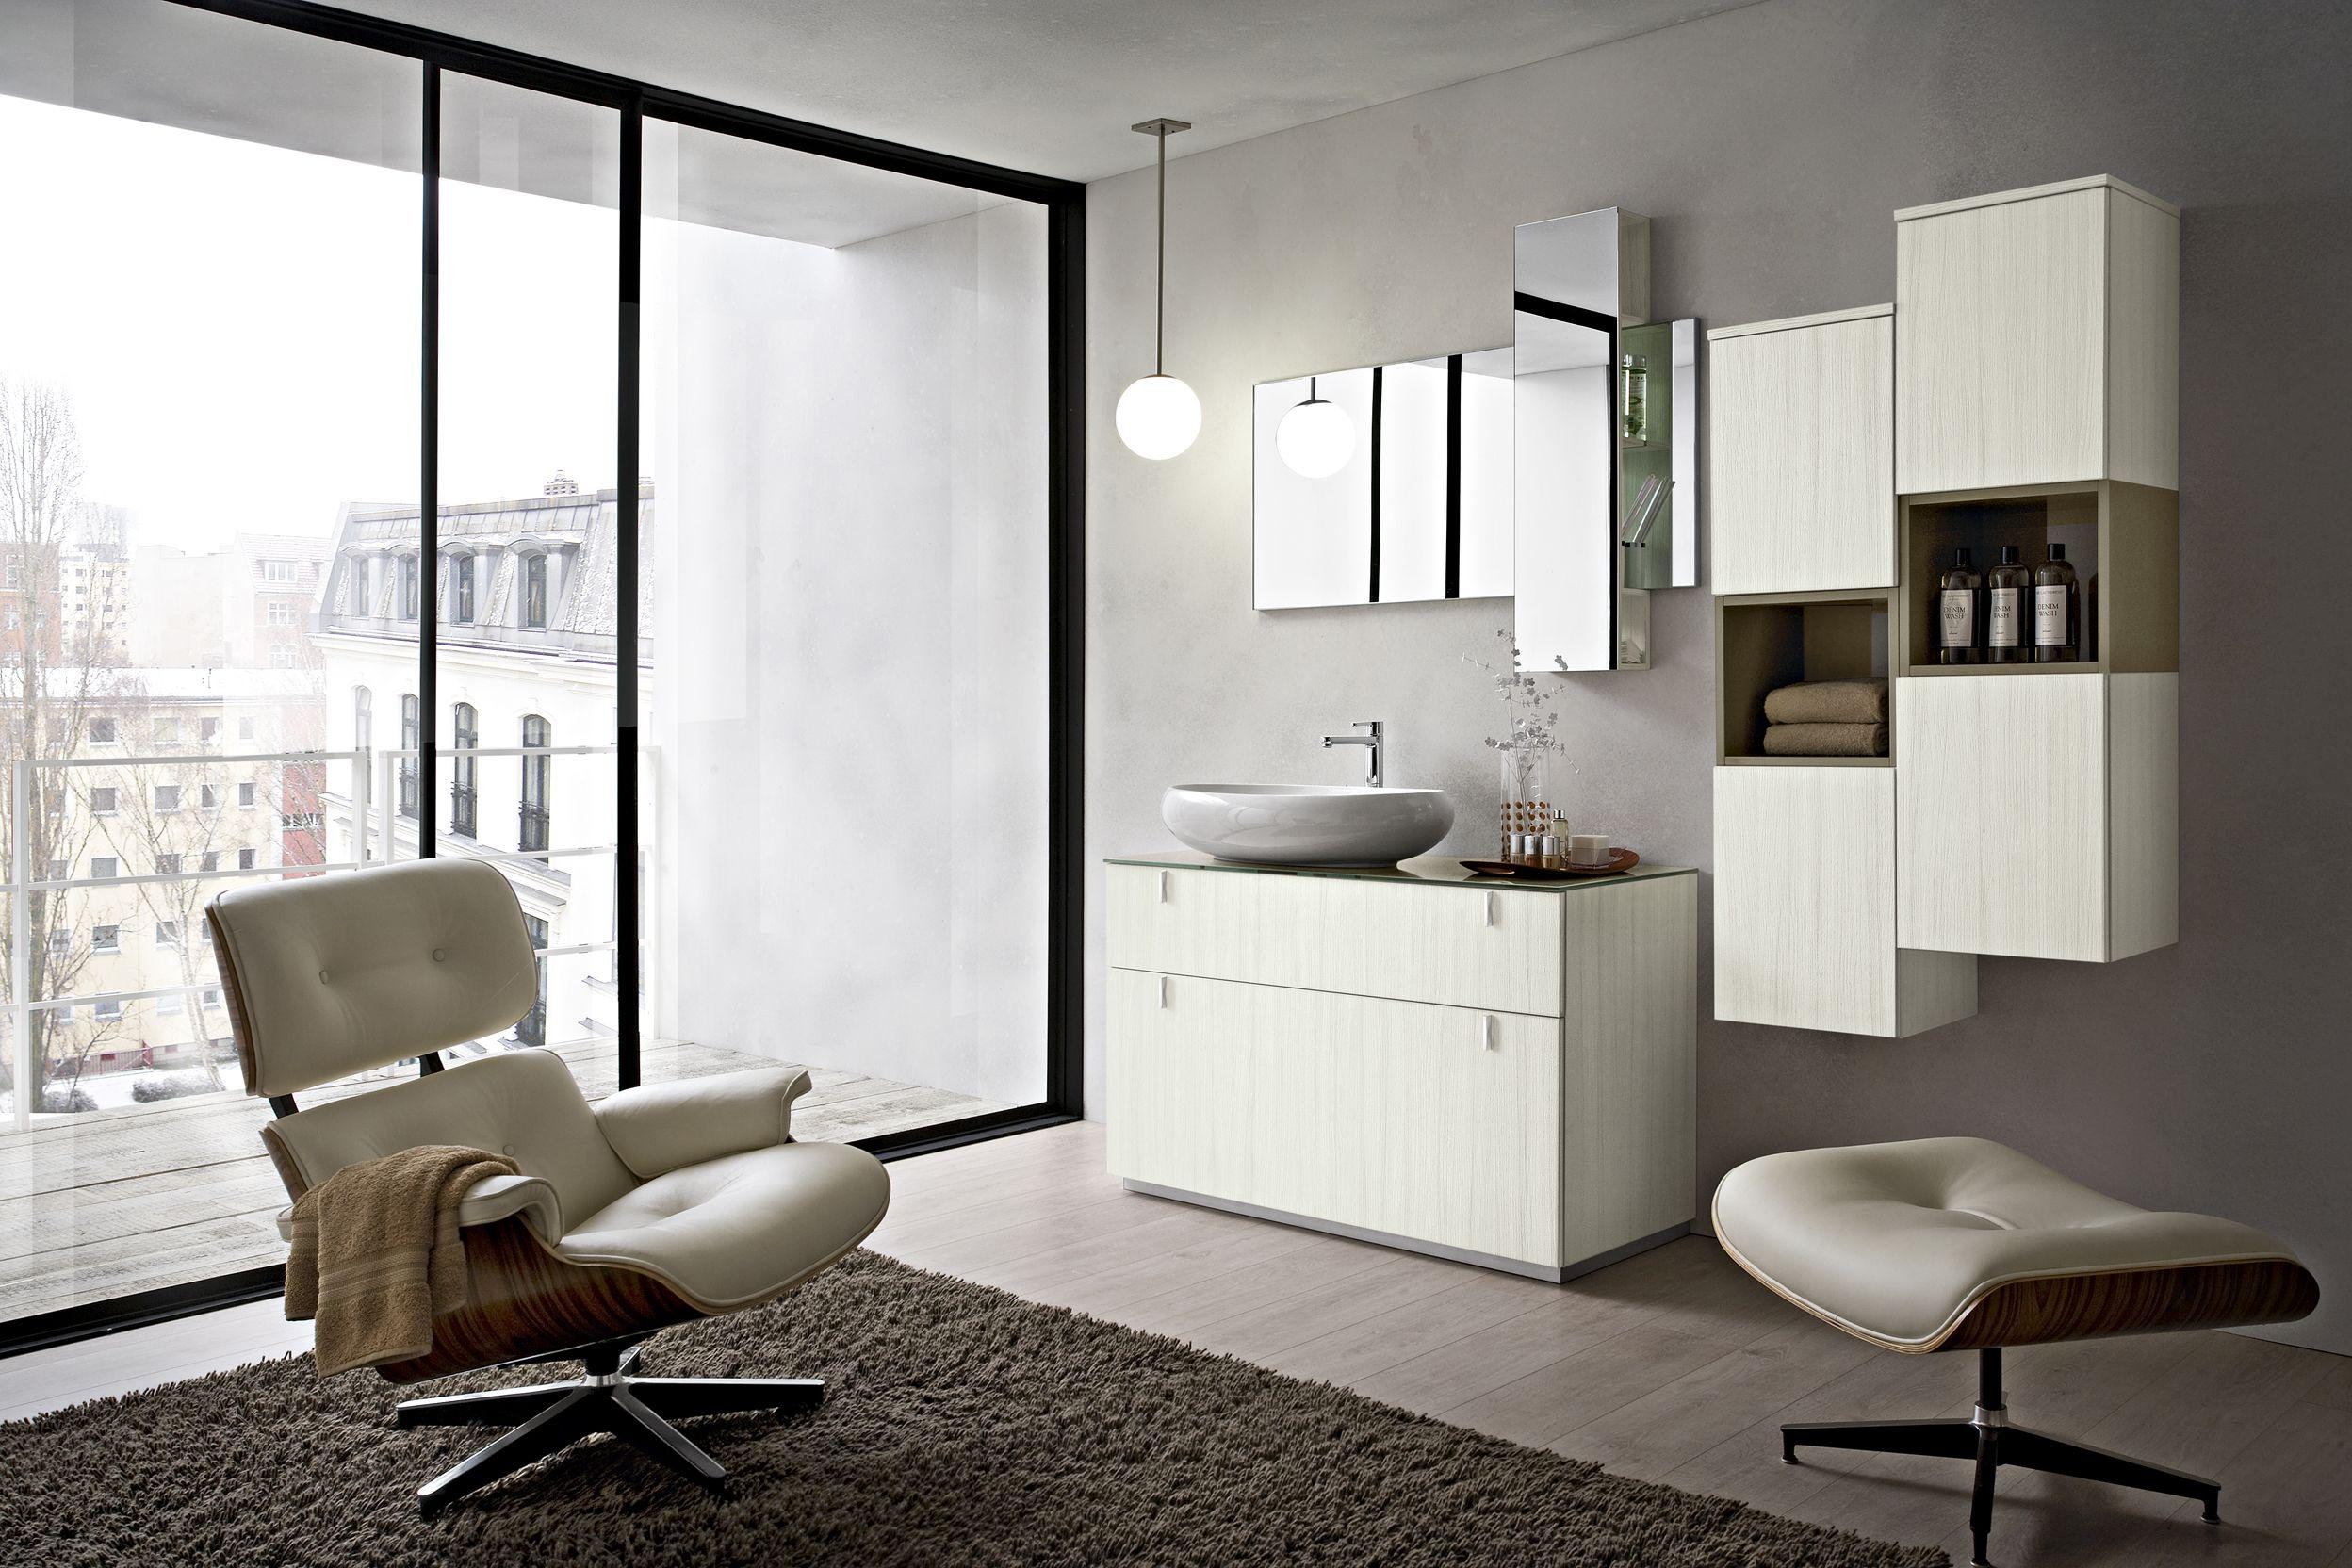 Perline Soffitto Bagno ~ Ispirazione di Design Interni